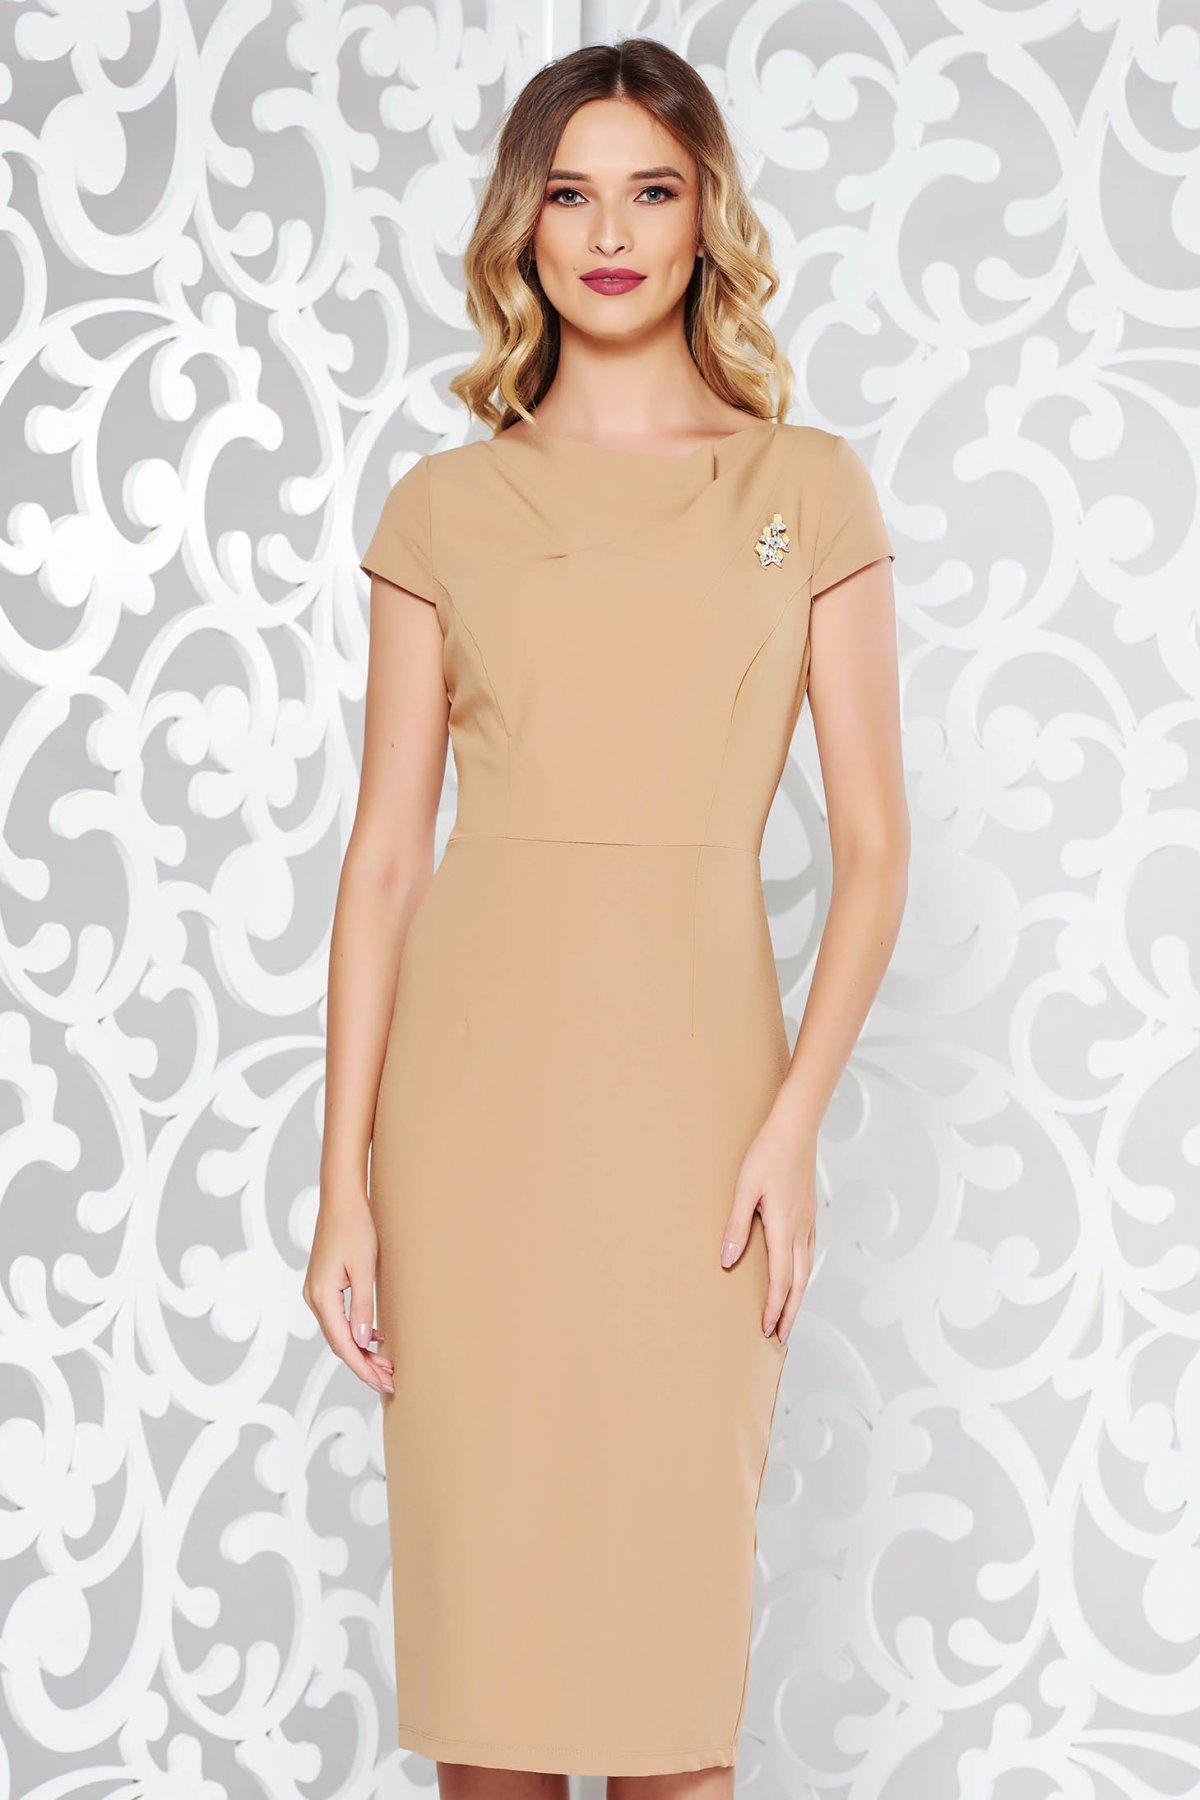 Rochie StarShinerS crem eleganta cu un croi mulat din material usor elastic accesorizata cu brosa